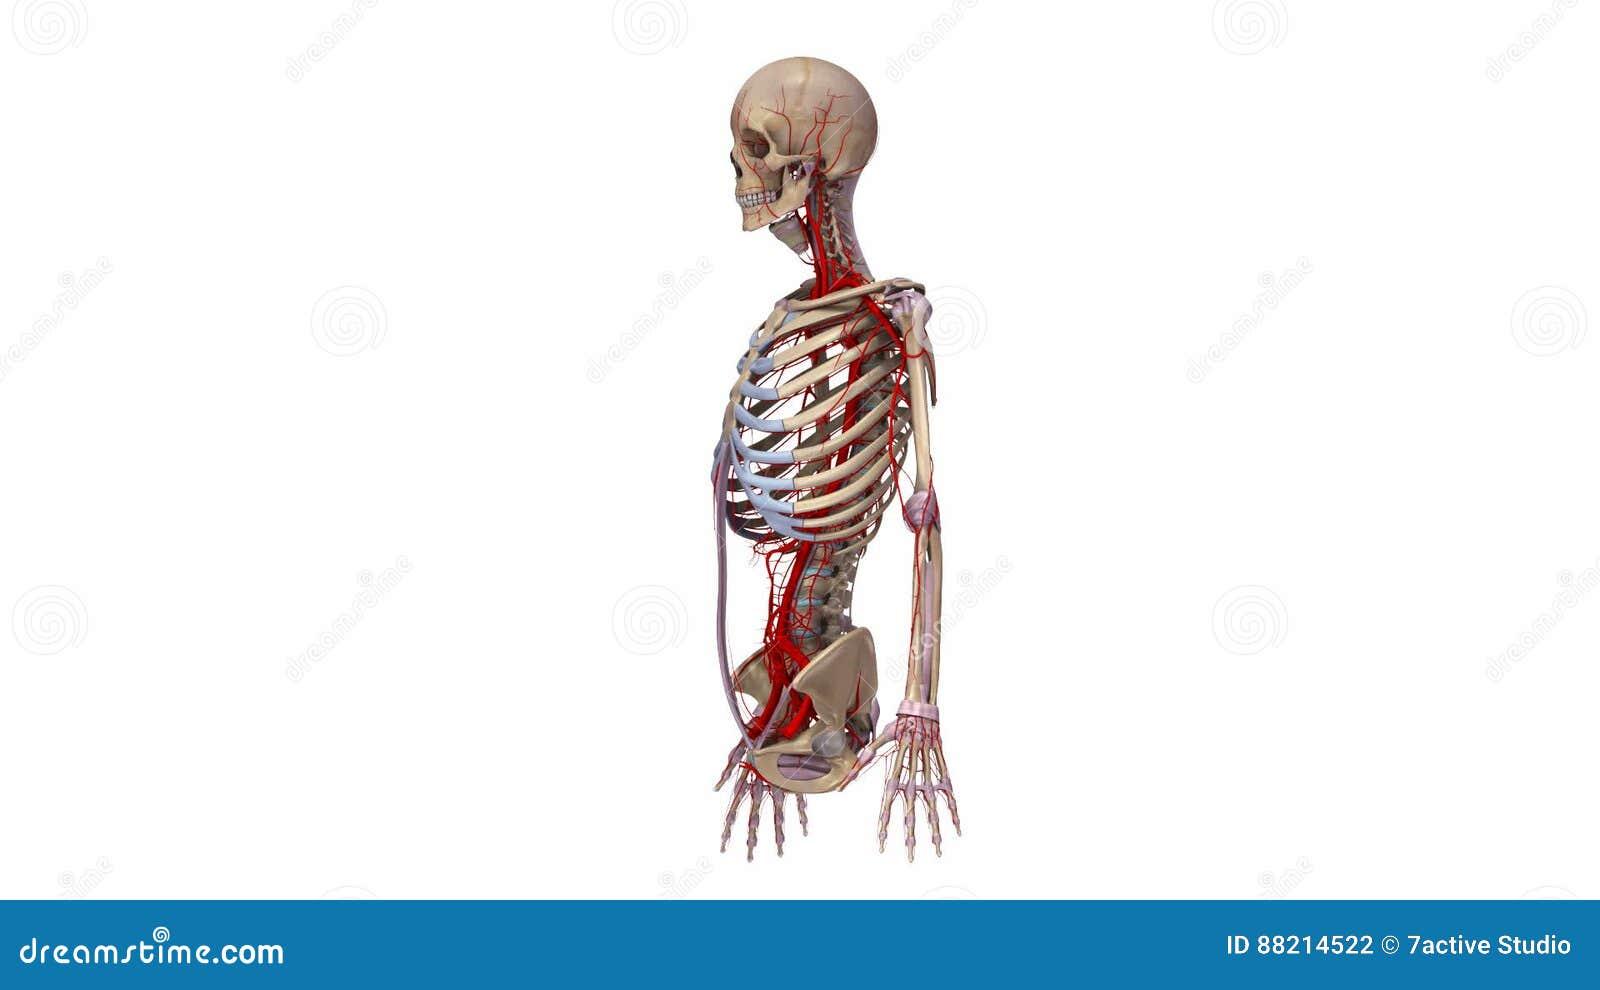 Berühmt Arterielle Anatomie Ideen - Anatomie Ideen - finotti.info